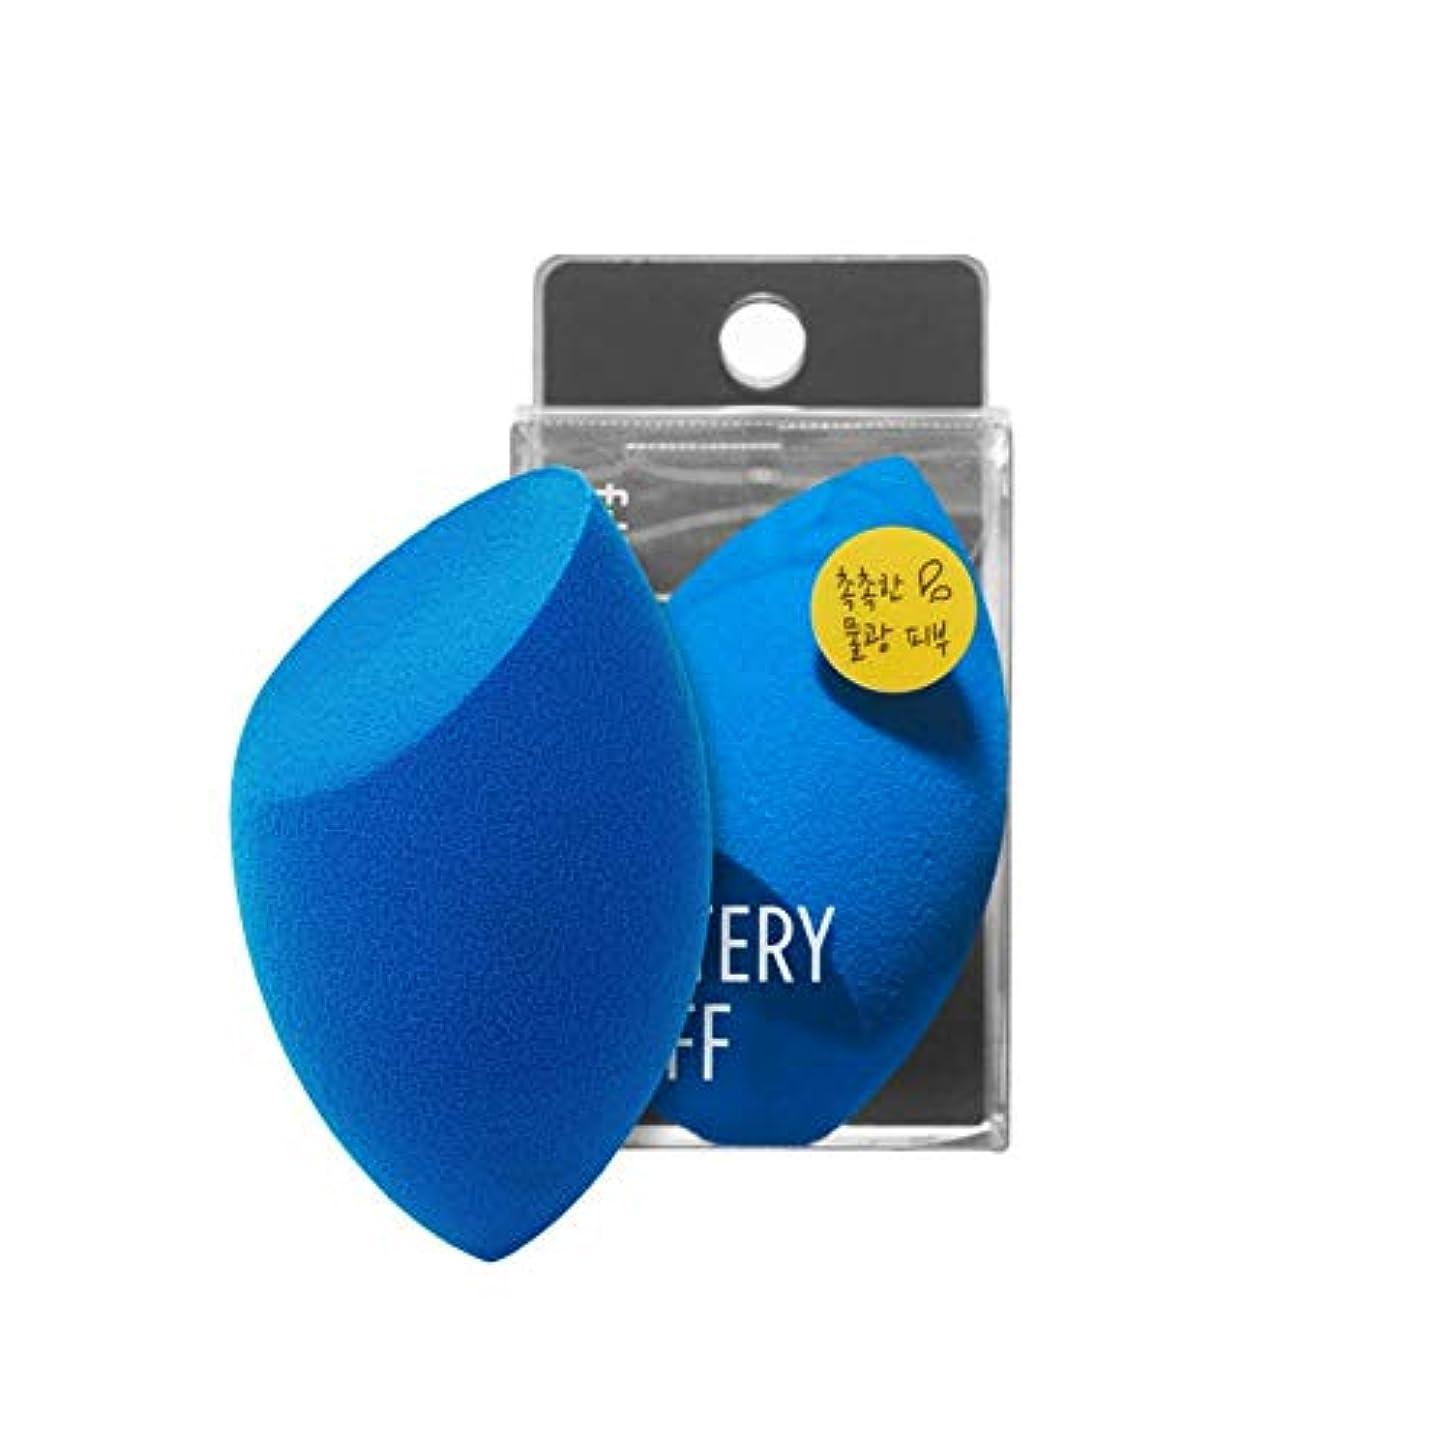 トライアスロンビジョンシェアfillimilli Make-up Sponge Watery Puff しっとりパフ (チョクチョクパフ) 4個 (Olive Young) [並行輸入品]